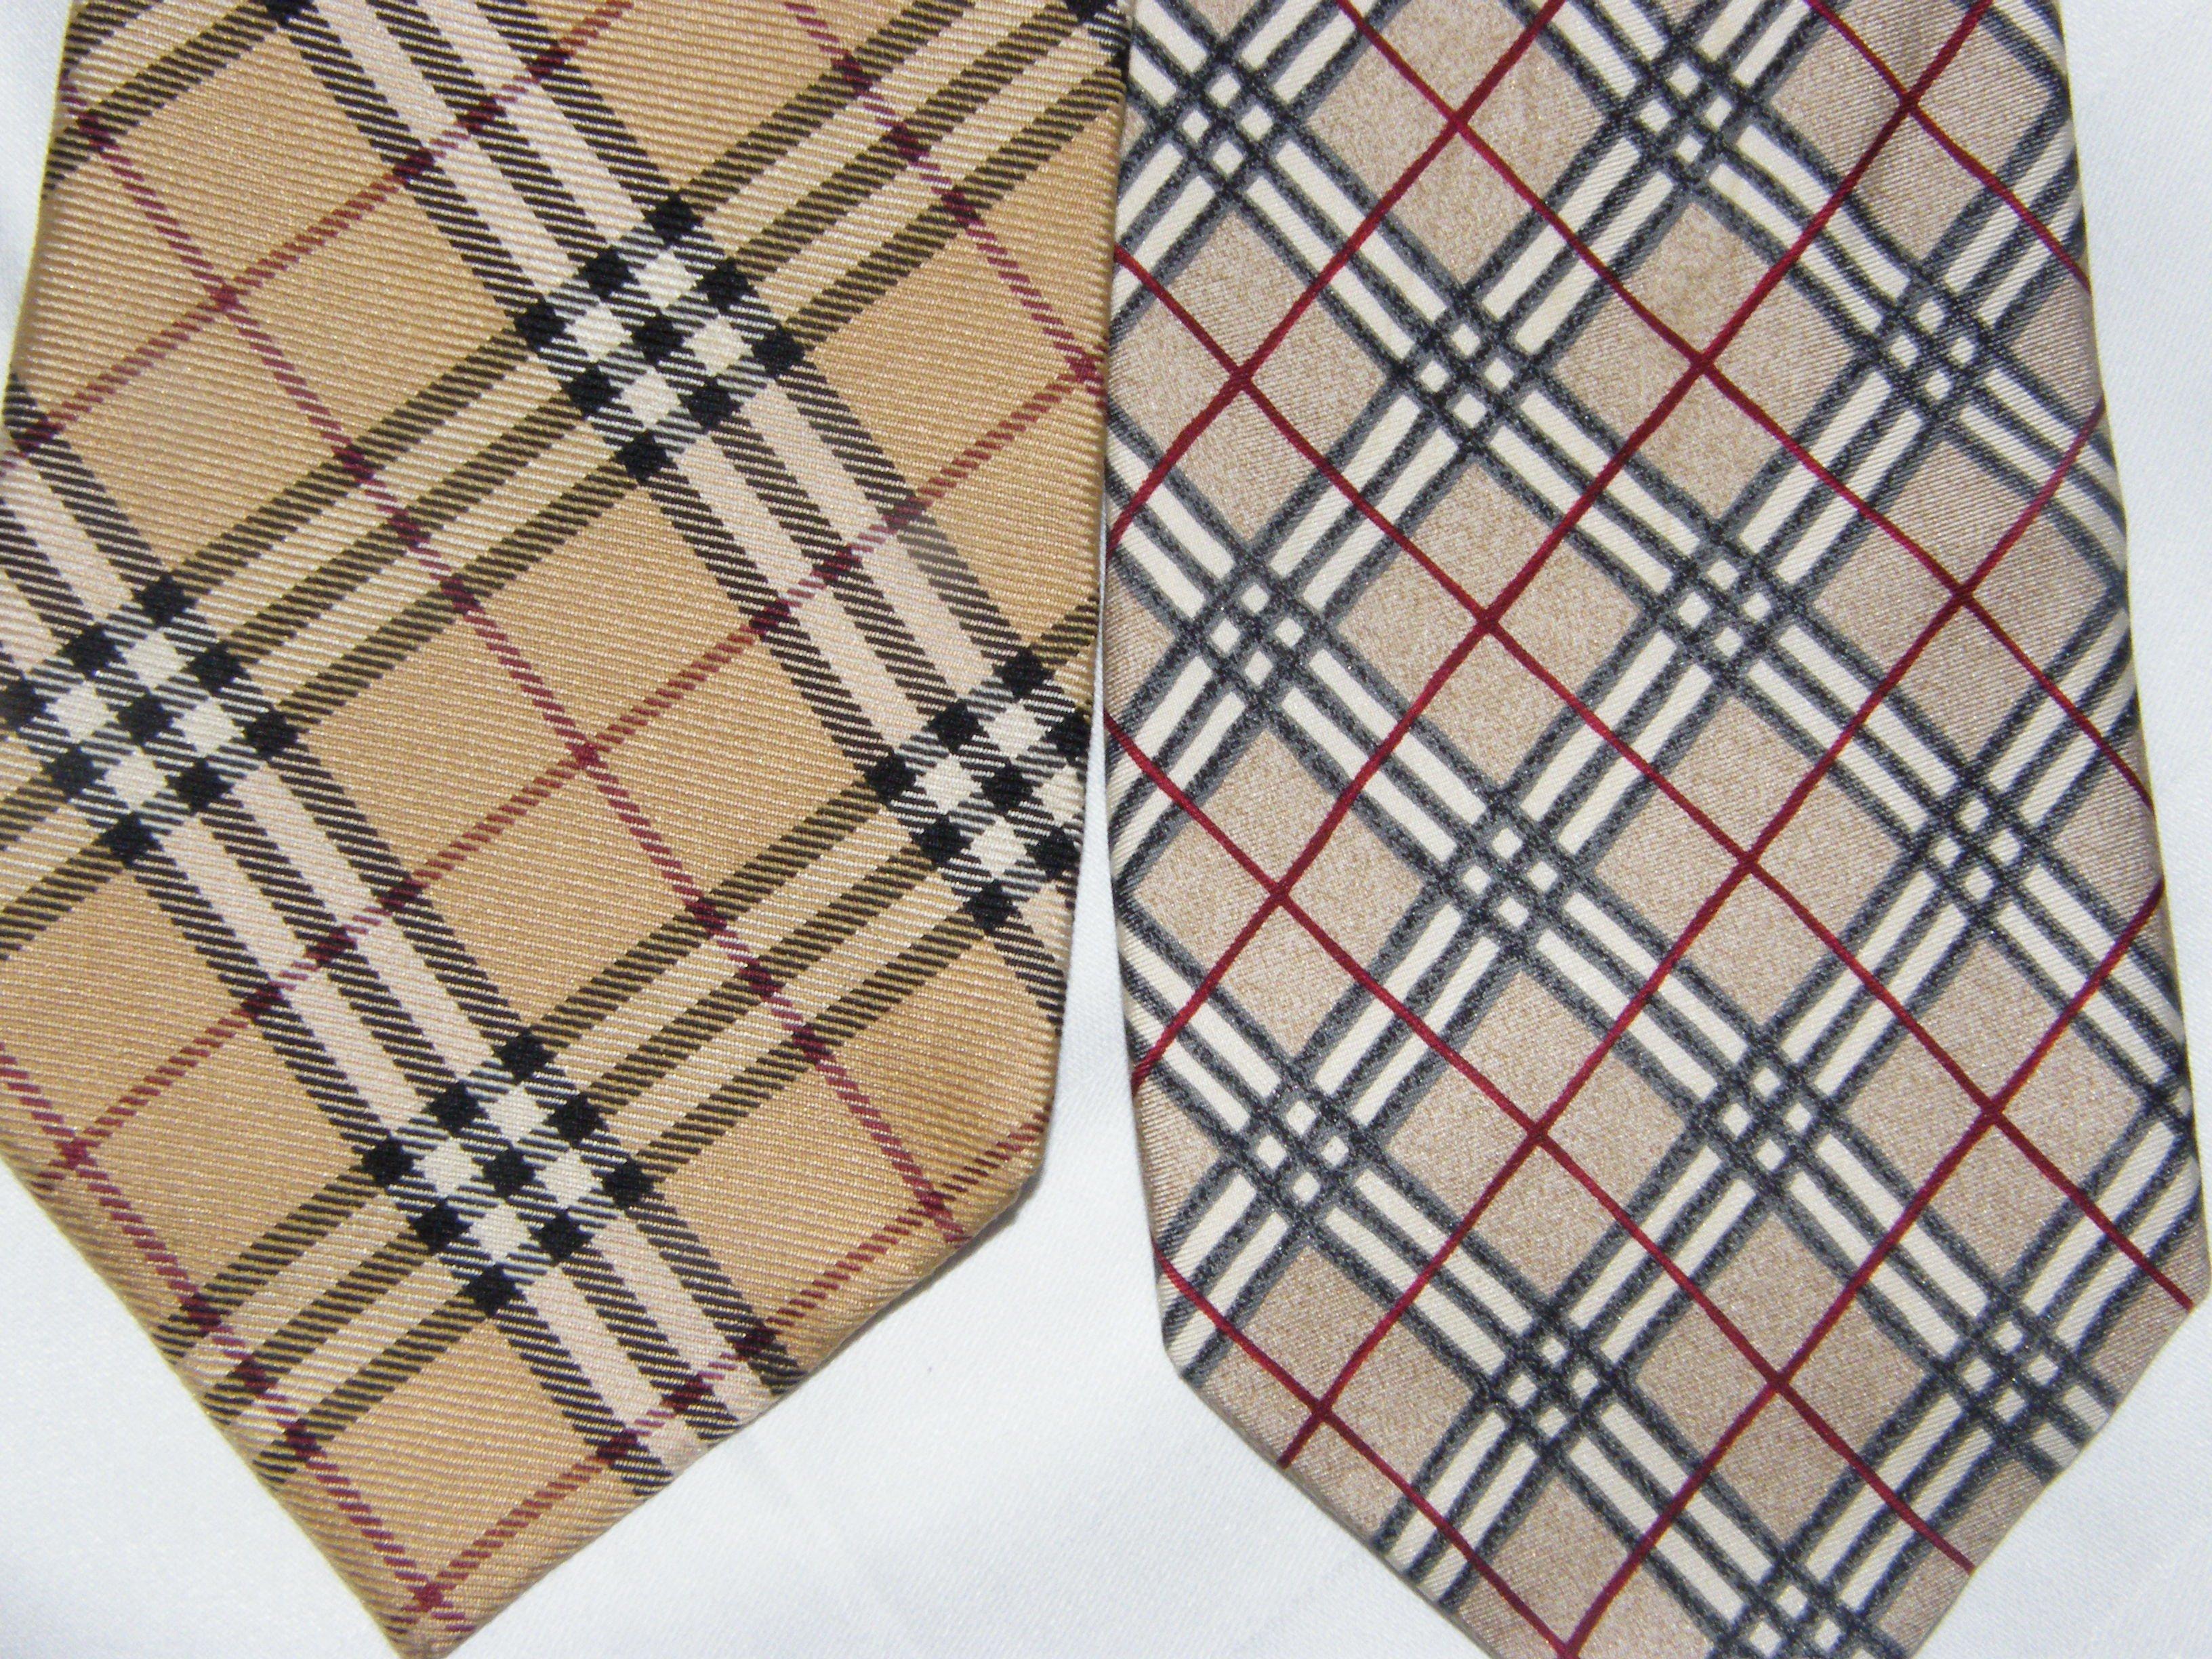 Pas vraiment besoin de le préciser, la véritable cravate est à gauche,  c est le modèle le plus connu de Burberry. 4be1e4fb8f05